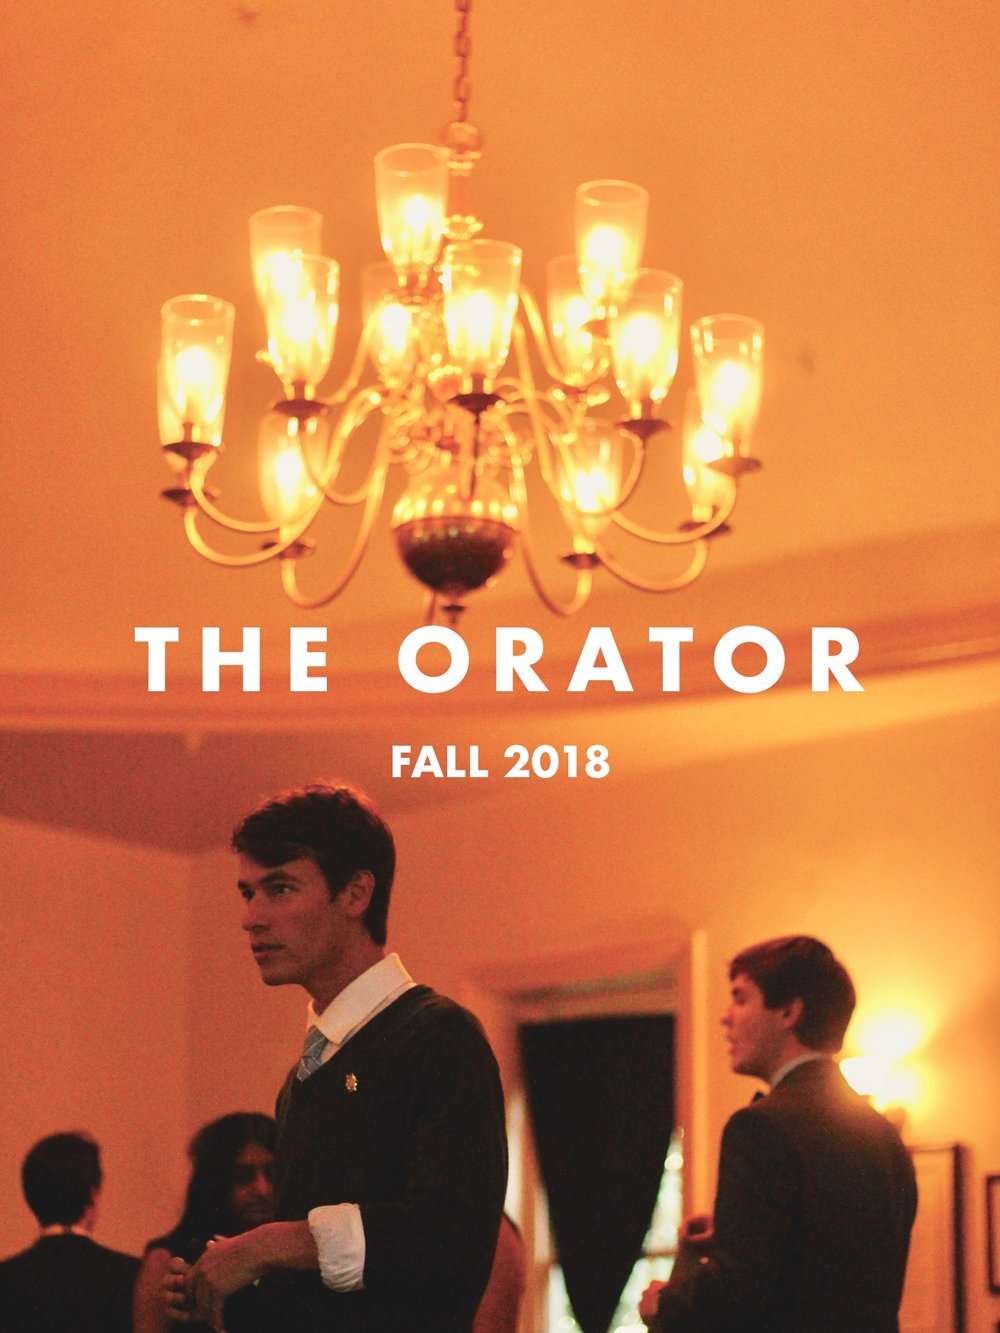 The-Orator-Fall-2018-001.jpg